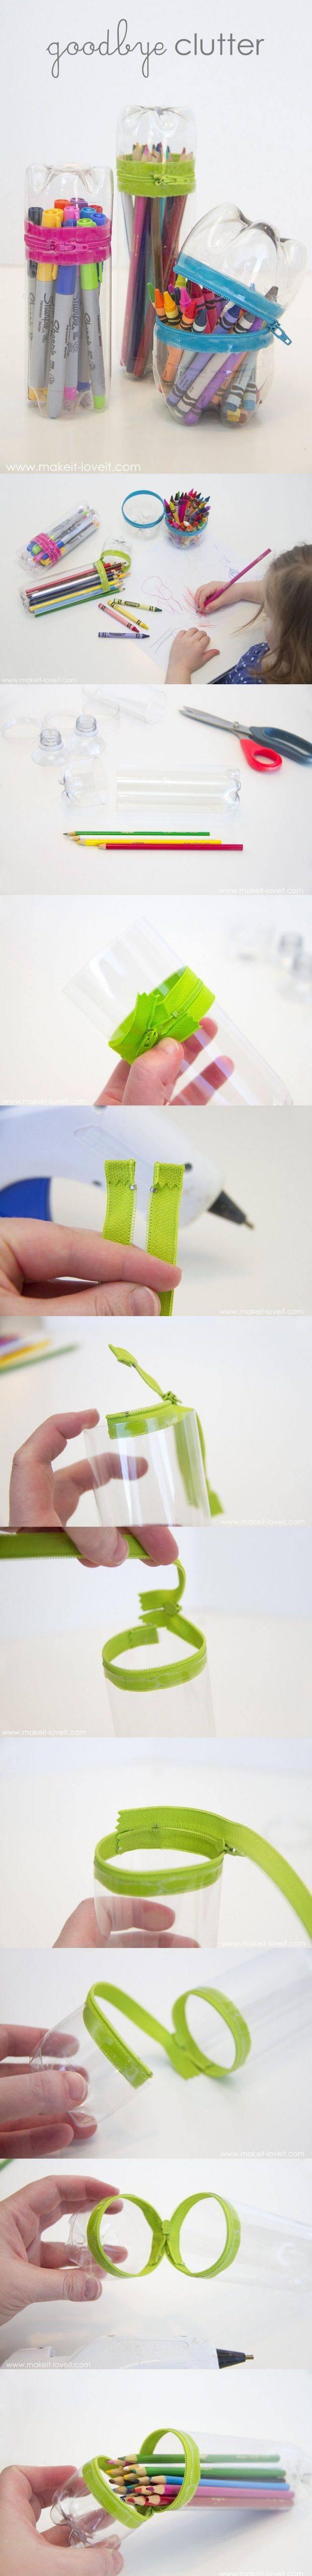 Estuches reciclando botellas de plástico - No-Sew Zipper Cases from Plastic Bo